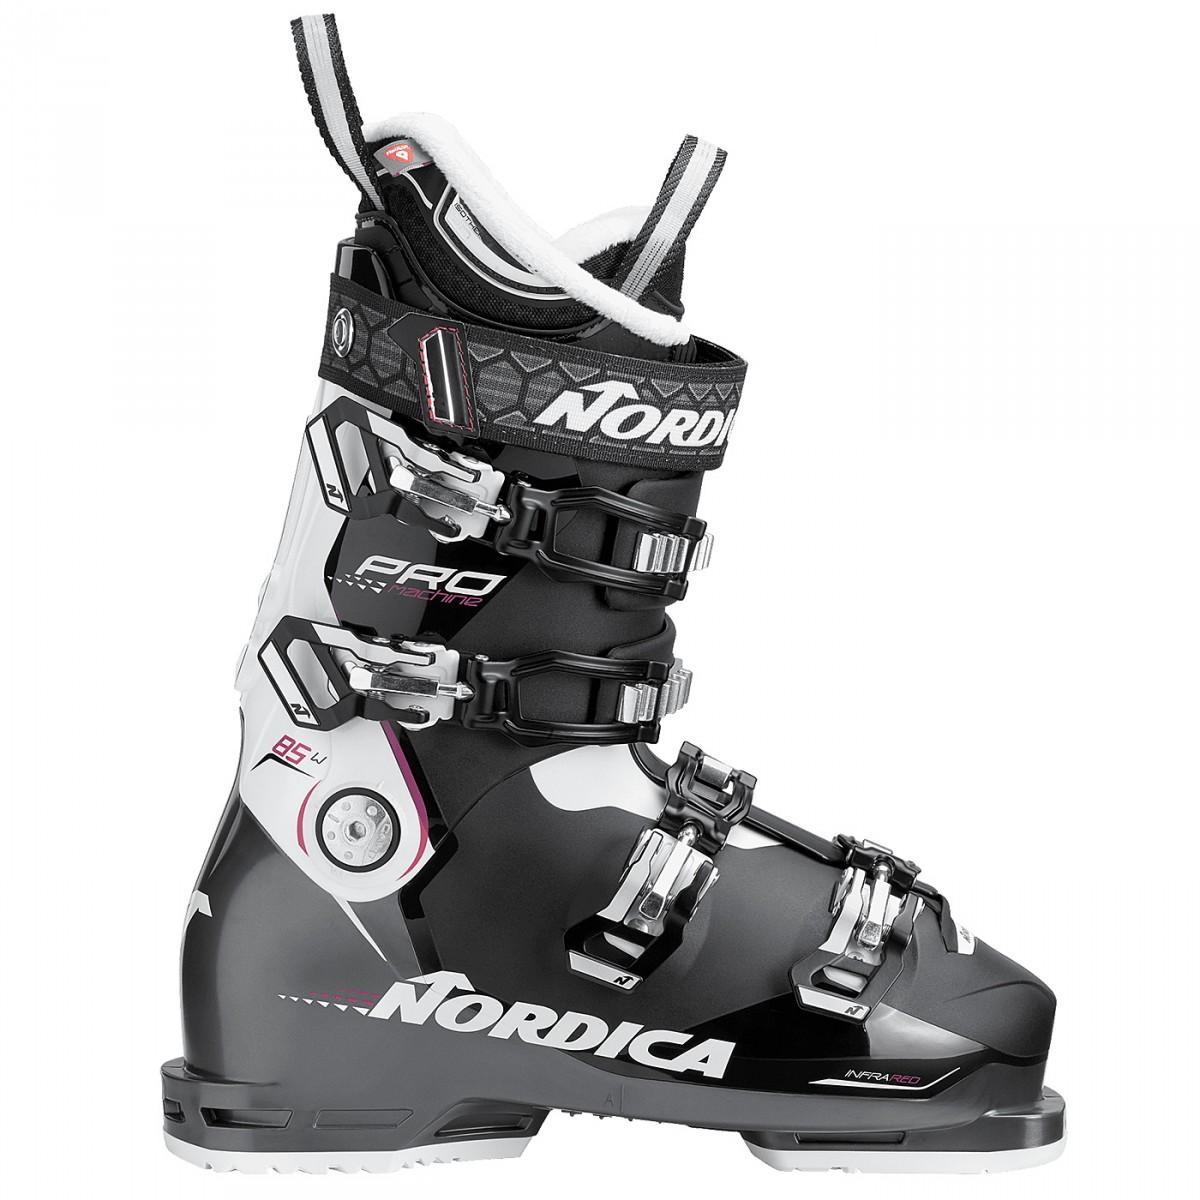 Scarponi sci Nordica Pro Machine 85 W (Colore: nero-bianco, Taglia: 26.5)